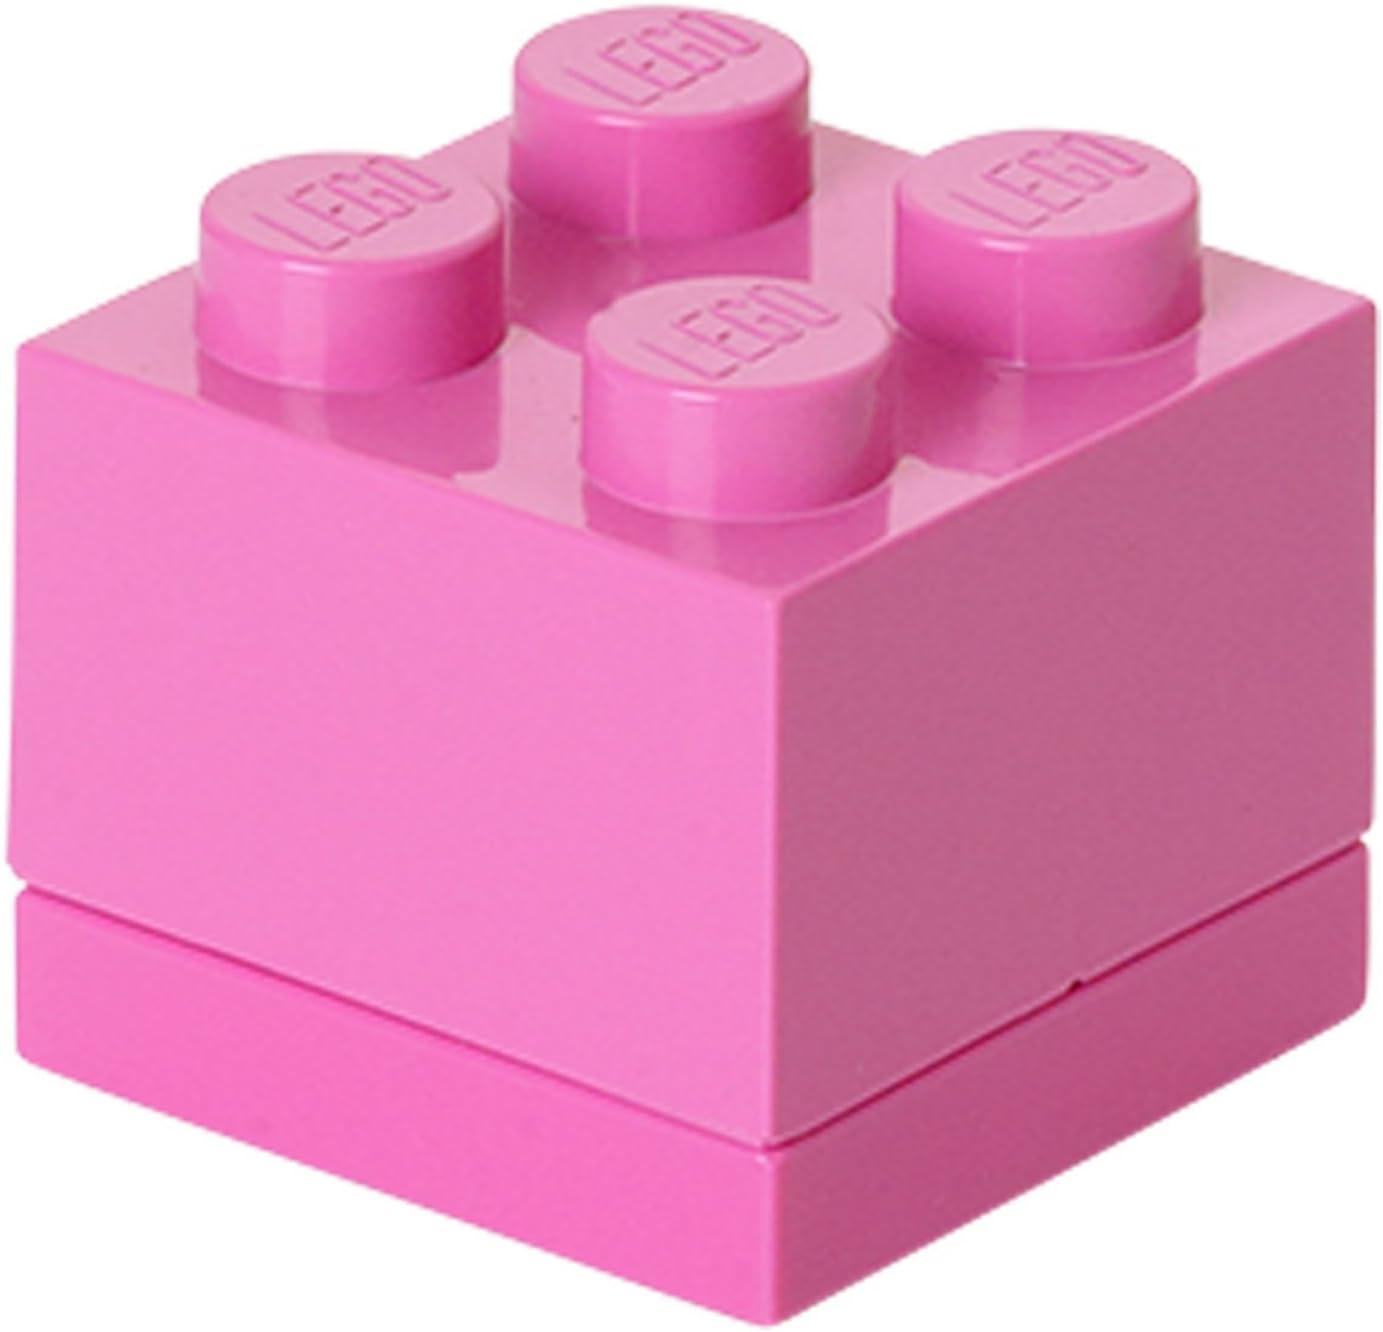 Lego - 40111739 - Ameublement Et Décoration - Boîte Miniature - Rose Foncé - 4 Plots